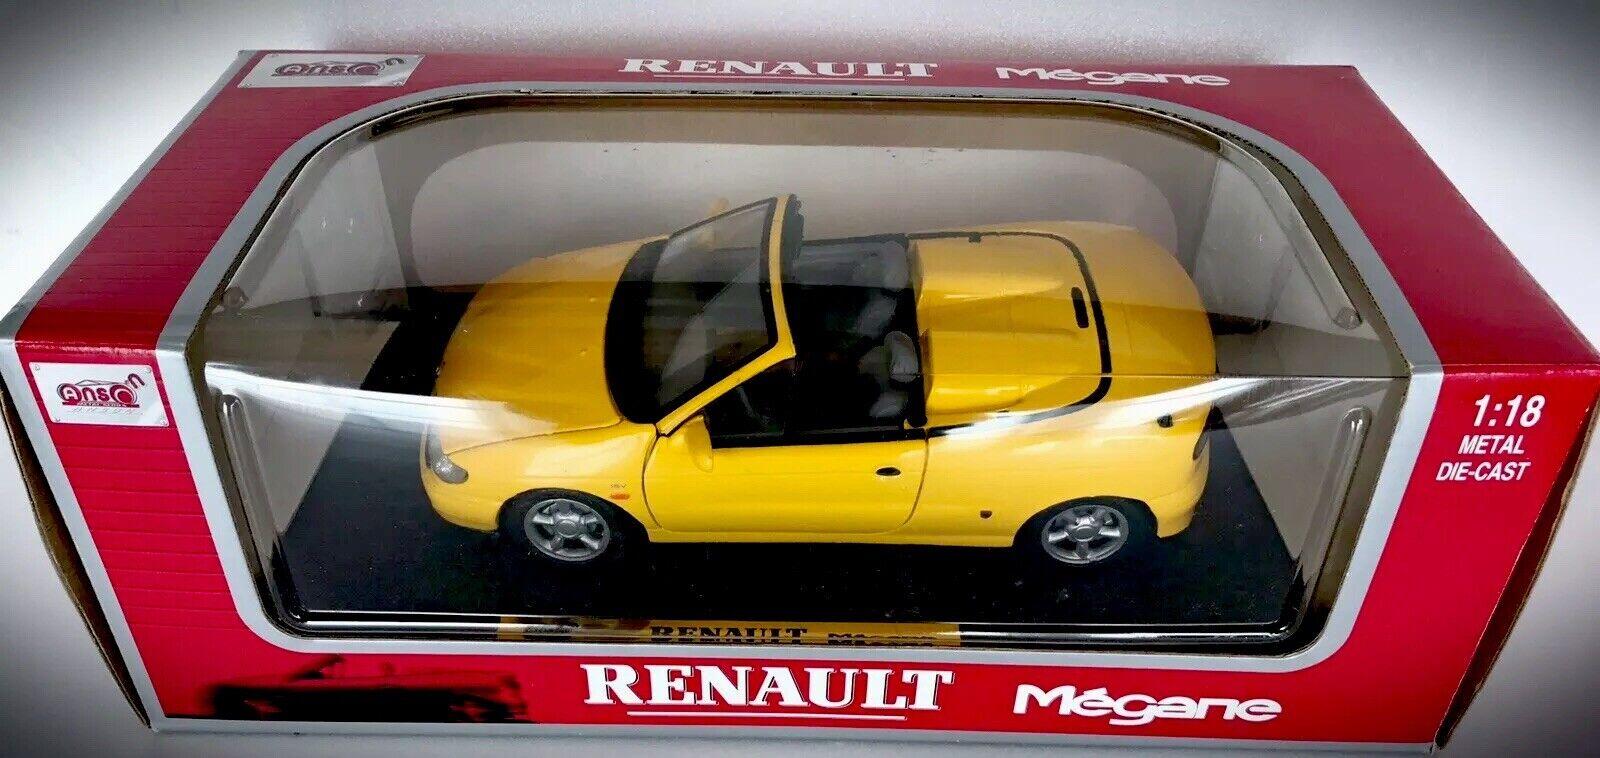 Anson Yellow Renault Renault Renault Megane - 1 18 - 30342 537abf